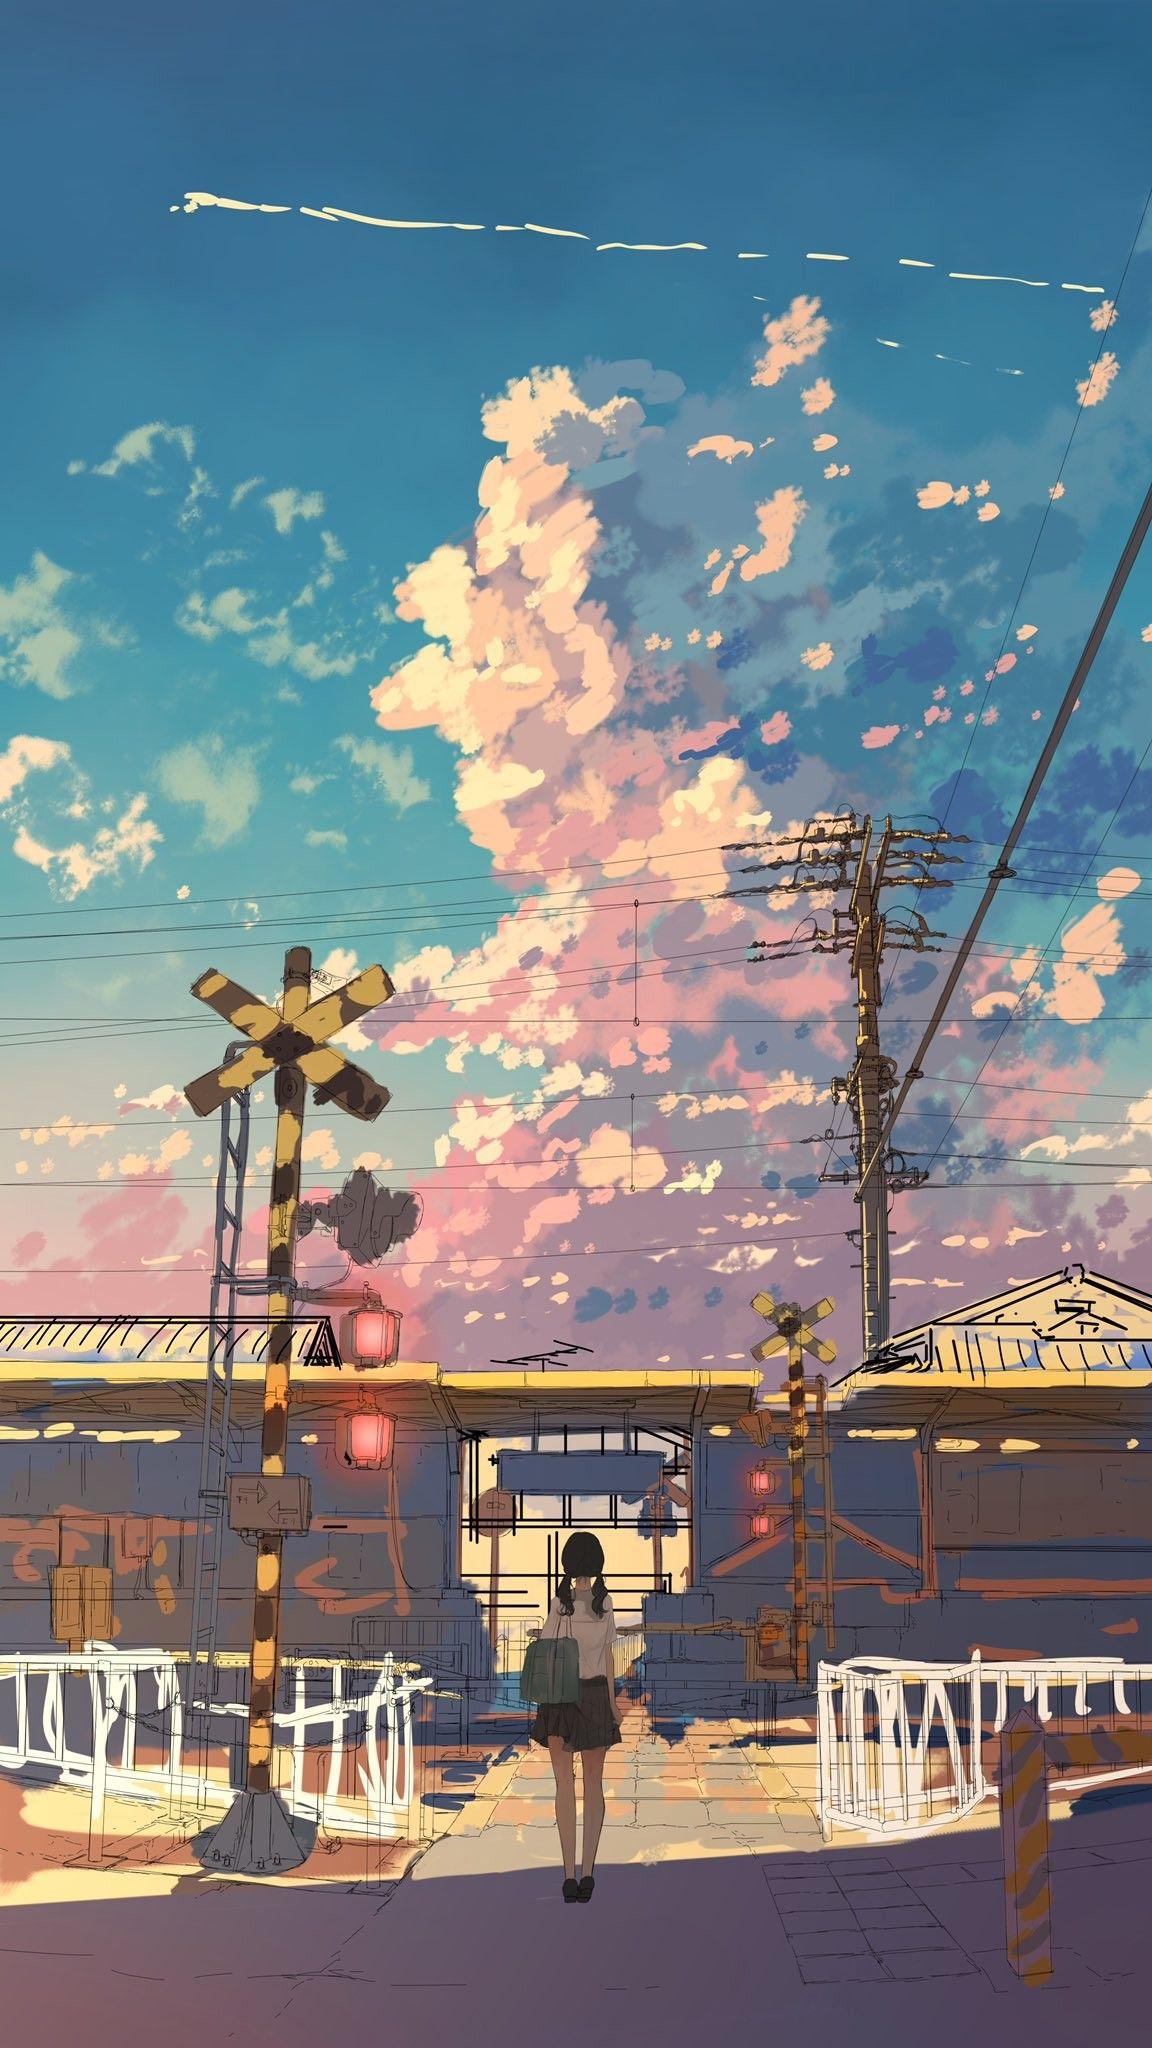 写真 おしゃれまとめの人気アイデア Pinterest Setuco 幻想的なイラスト 水彩風景画 シティーアート